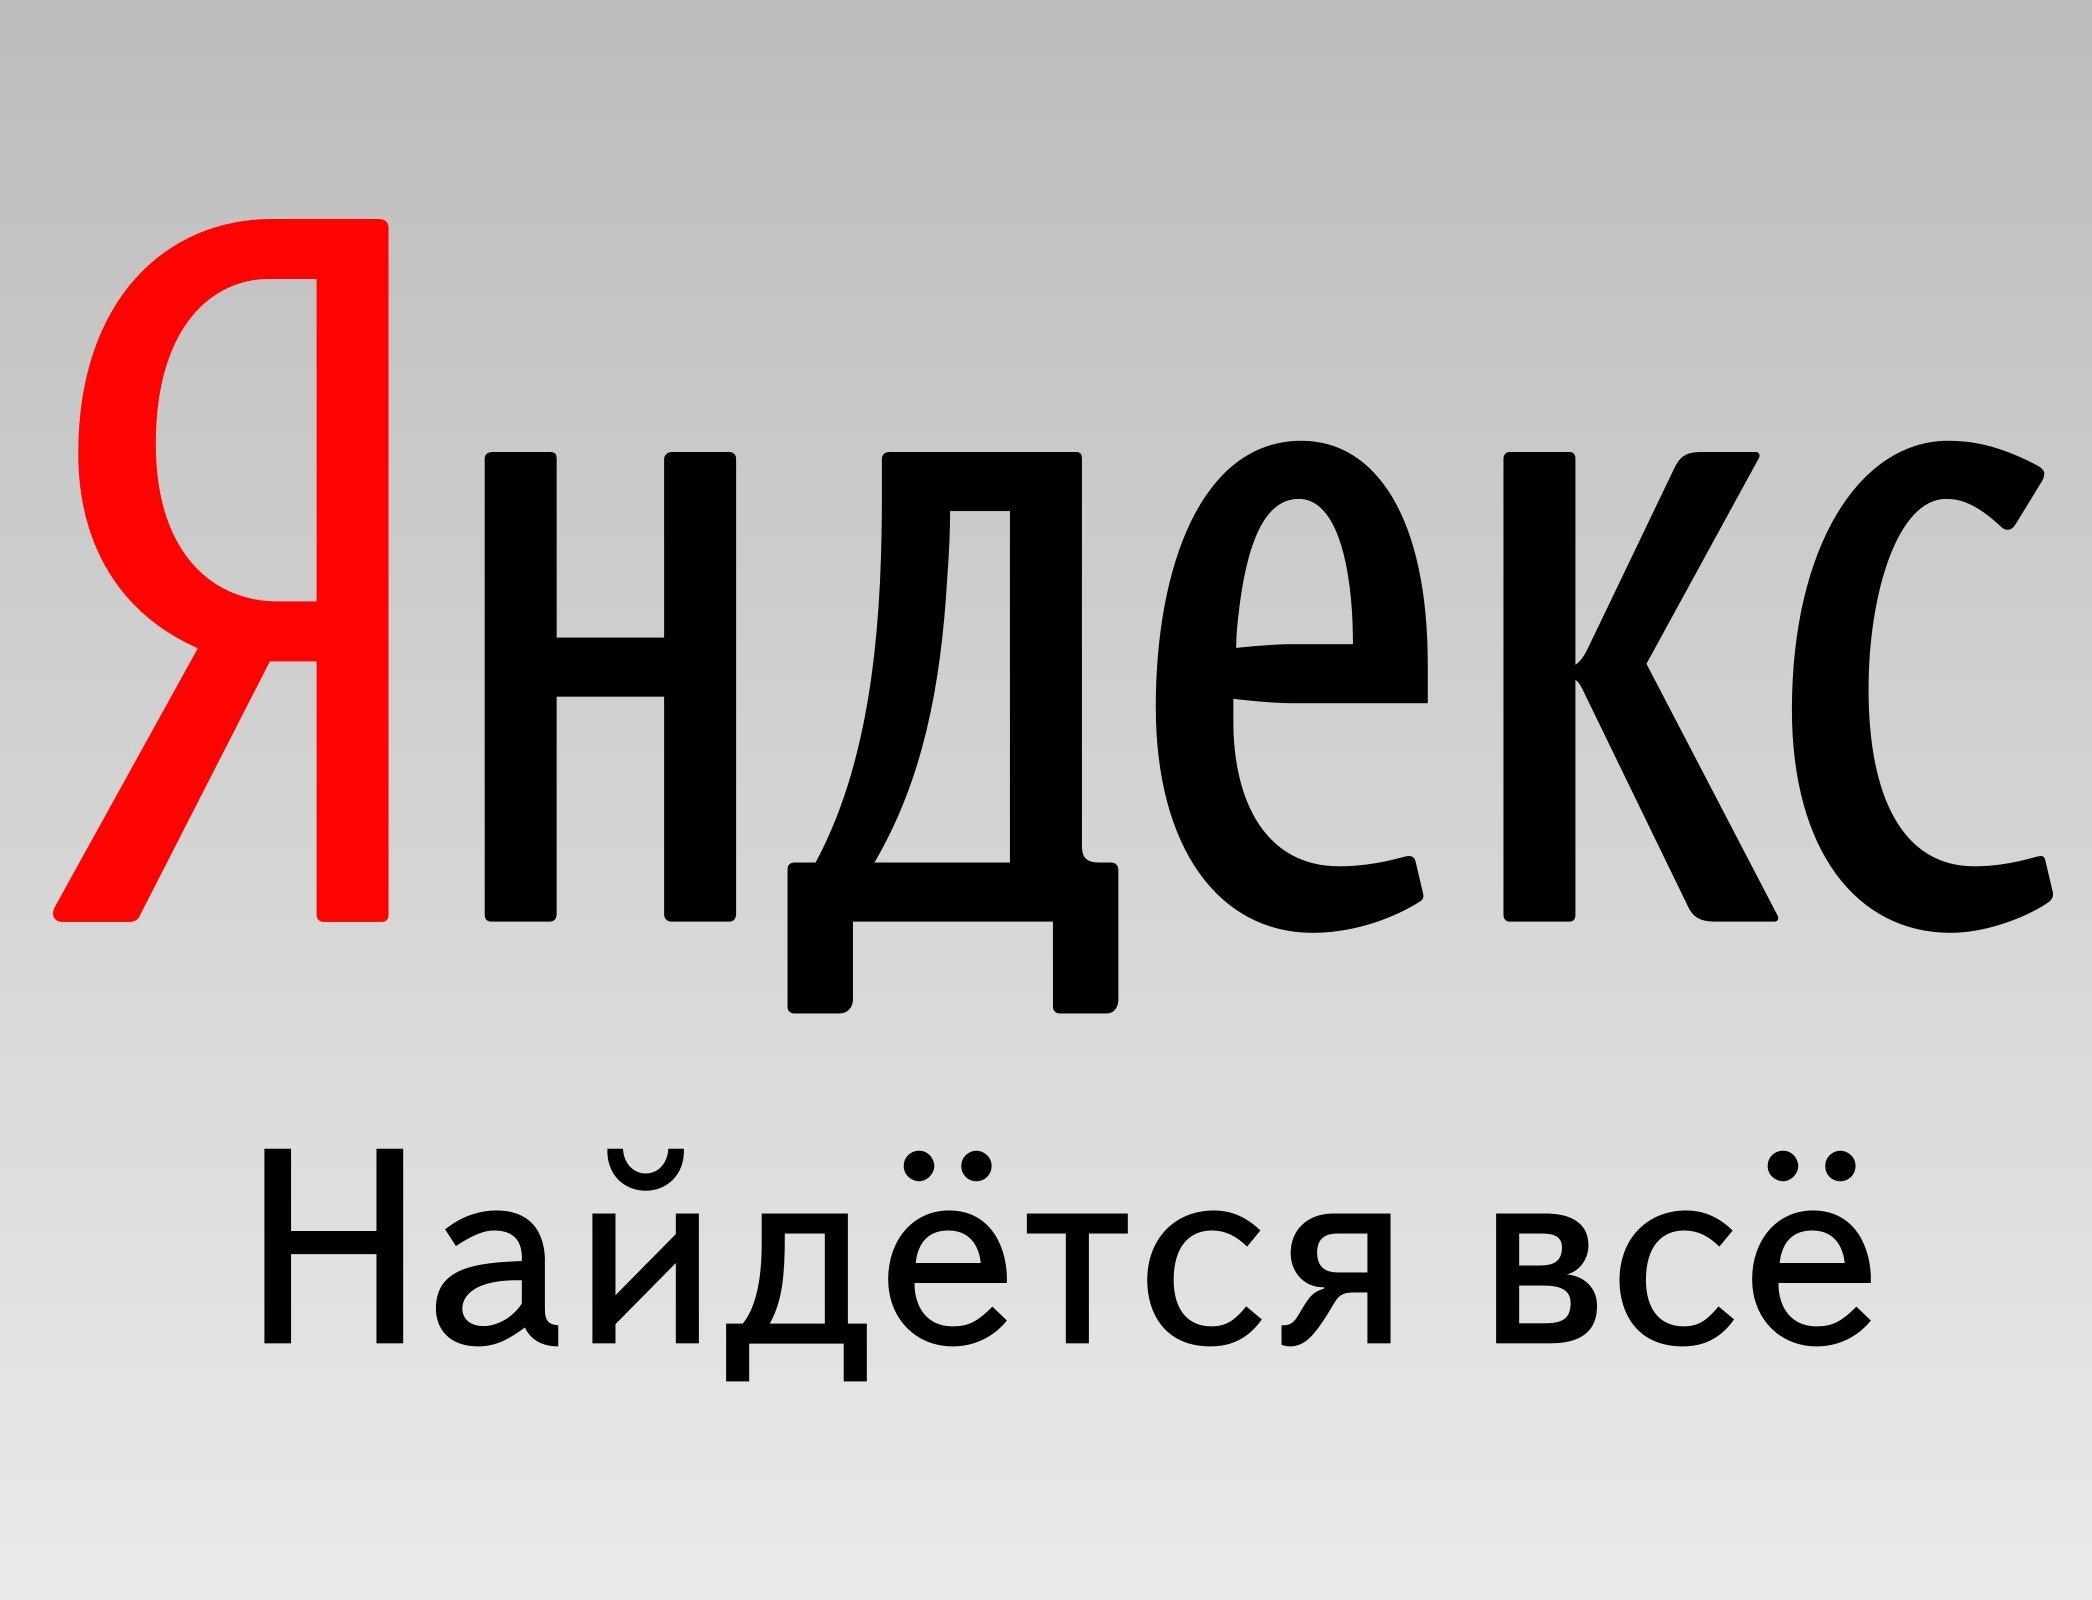 Яндекс покажет всплывающие подсказки прямо на сайте